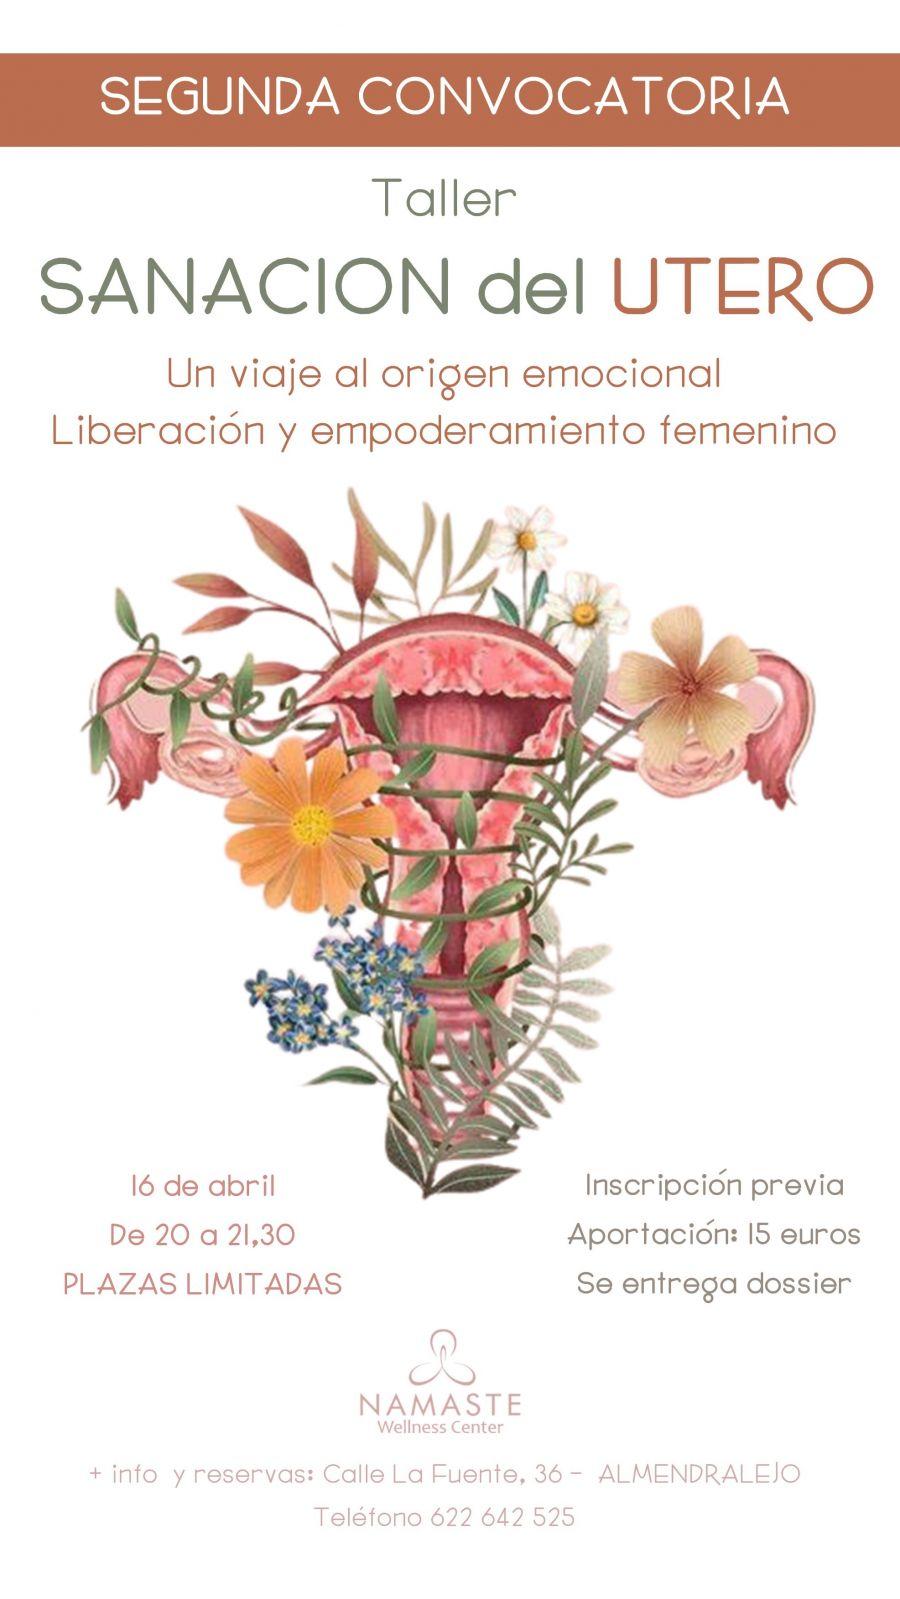 TALLER DE SANACIÓN DEL ÚTERO - SEGUNDA CONVOCATORIA